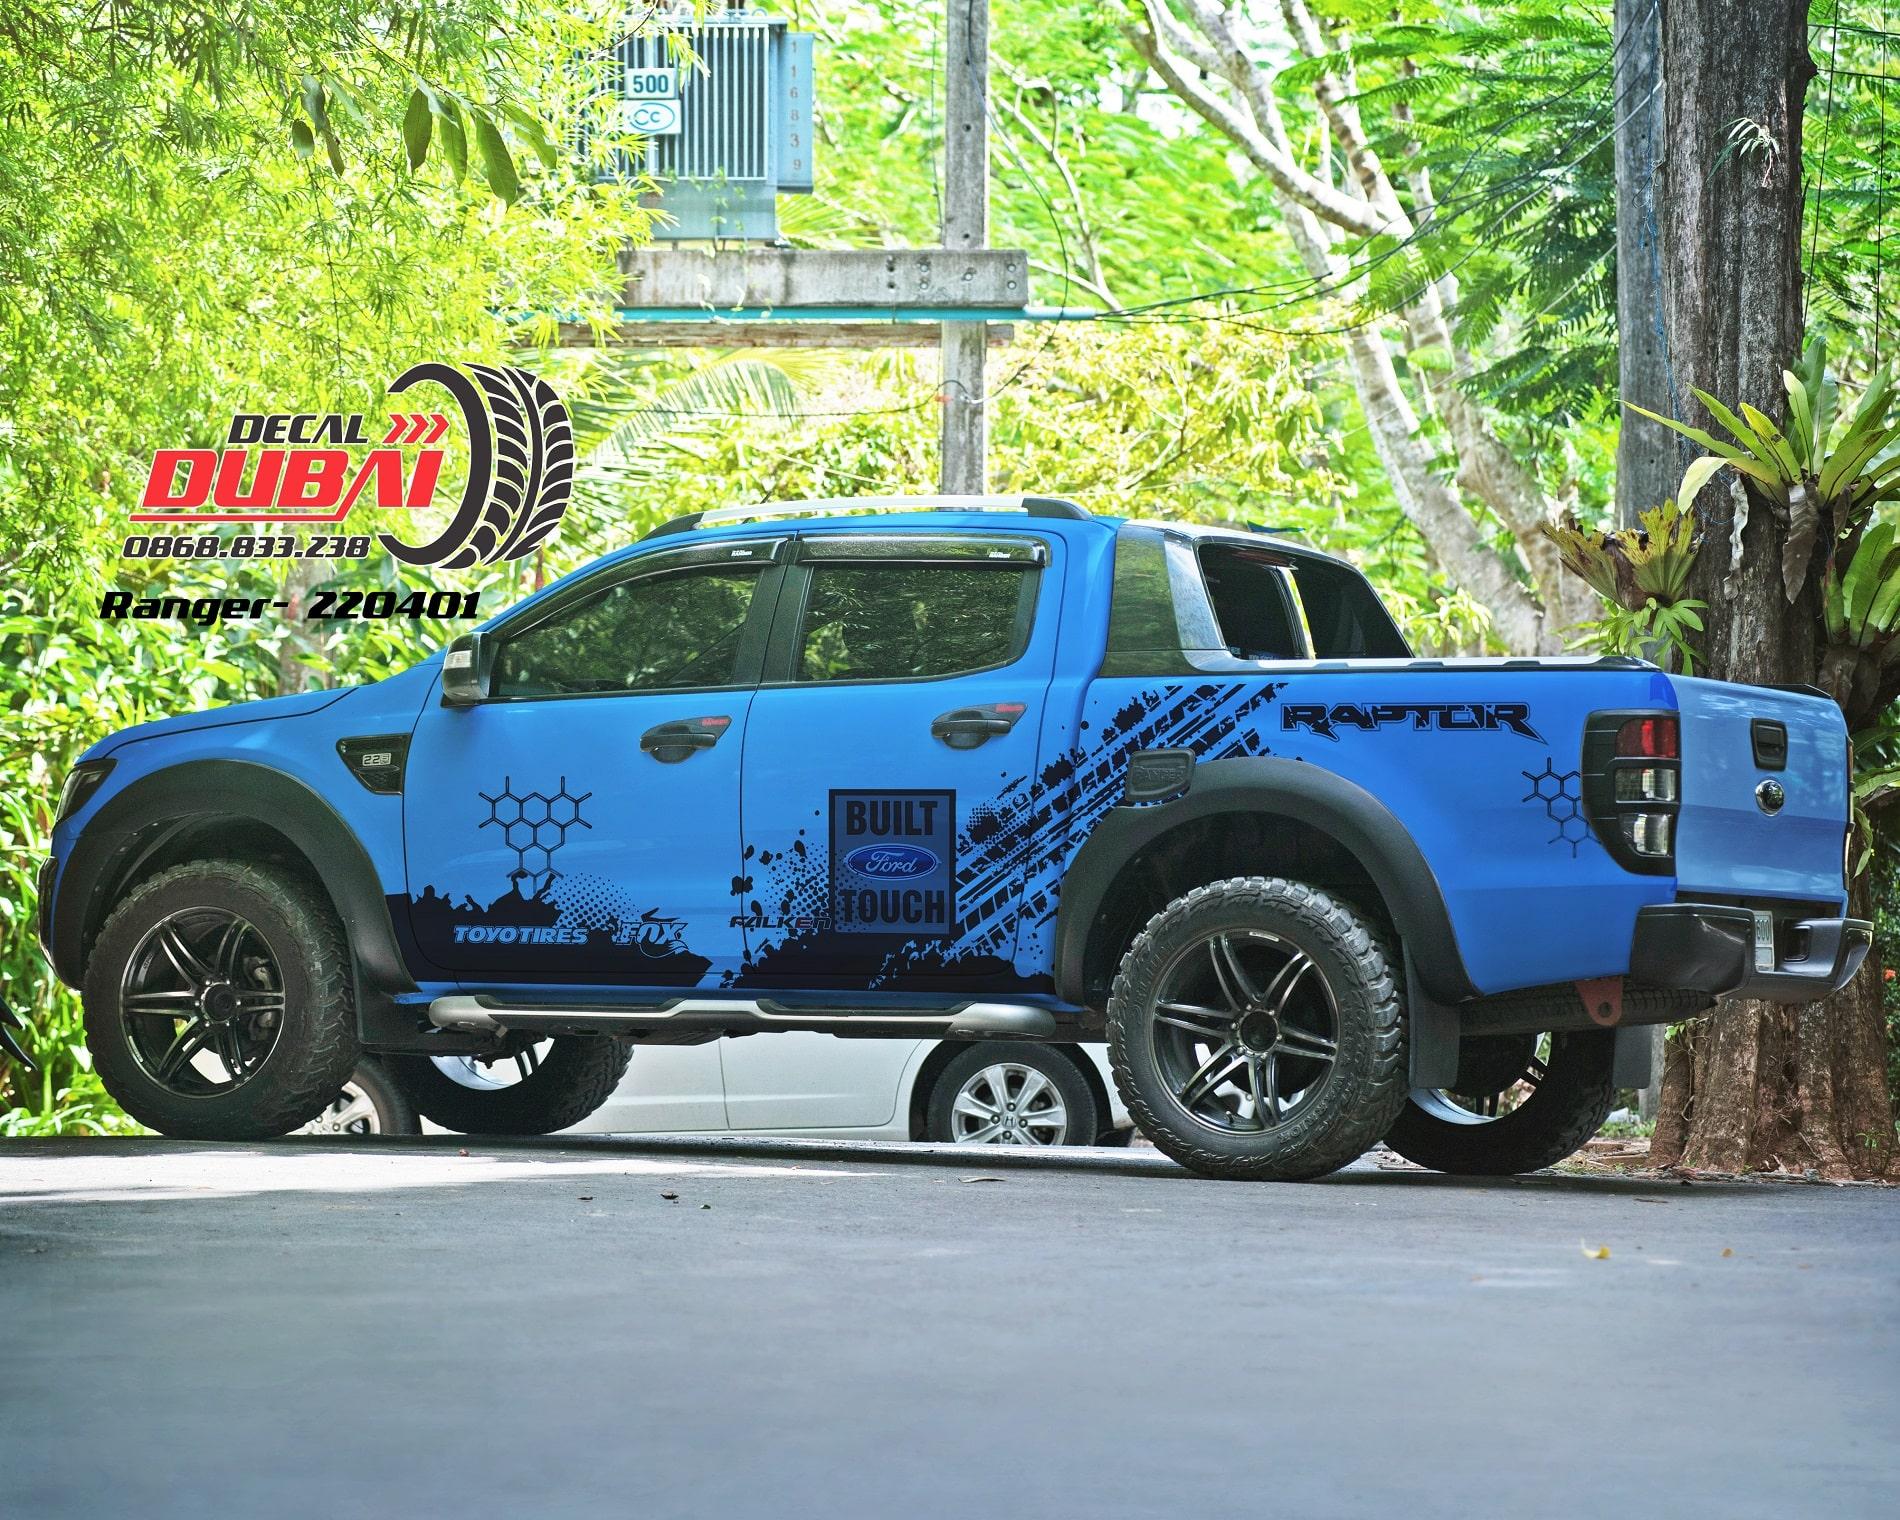 Tem-xe-ranger-3220401-1450k-min